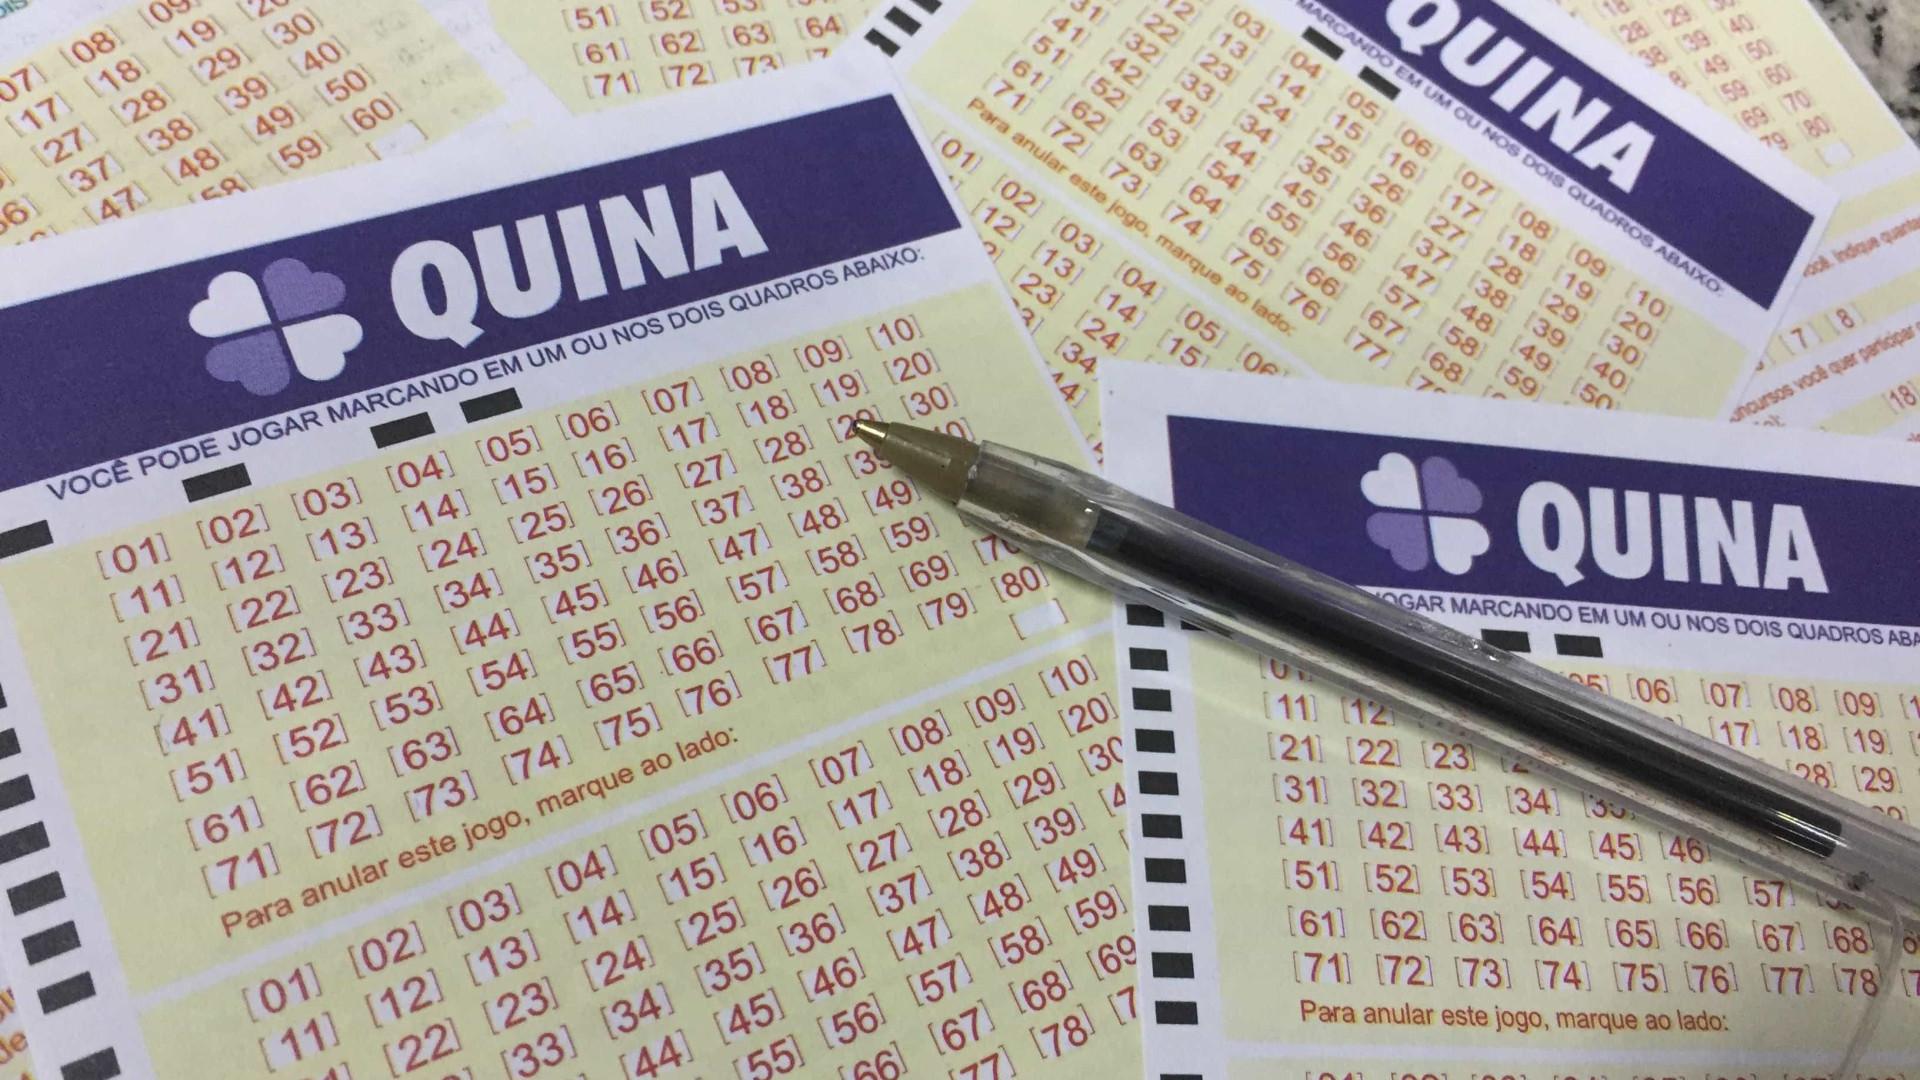 Dois apostadores levam cerca de R$ 620 mil cada na Quina